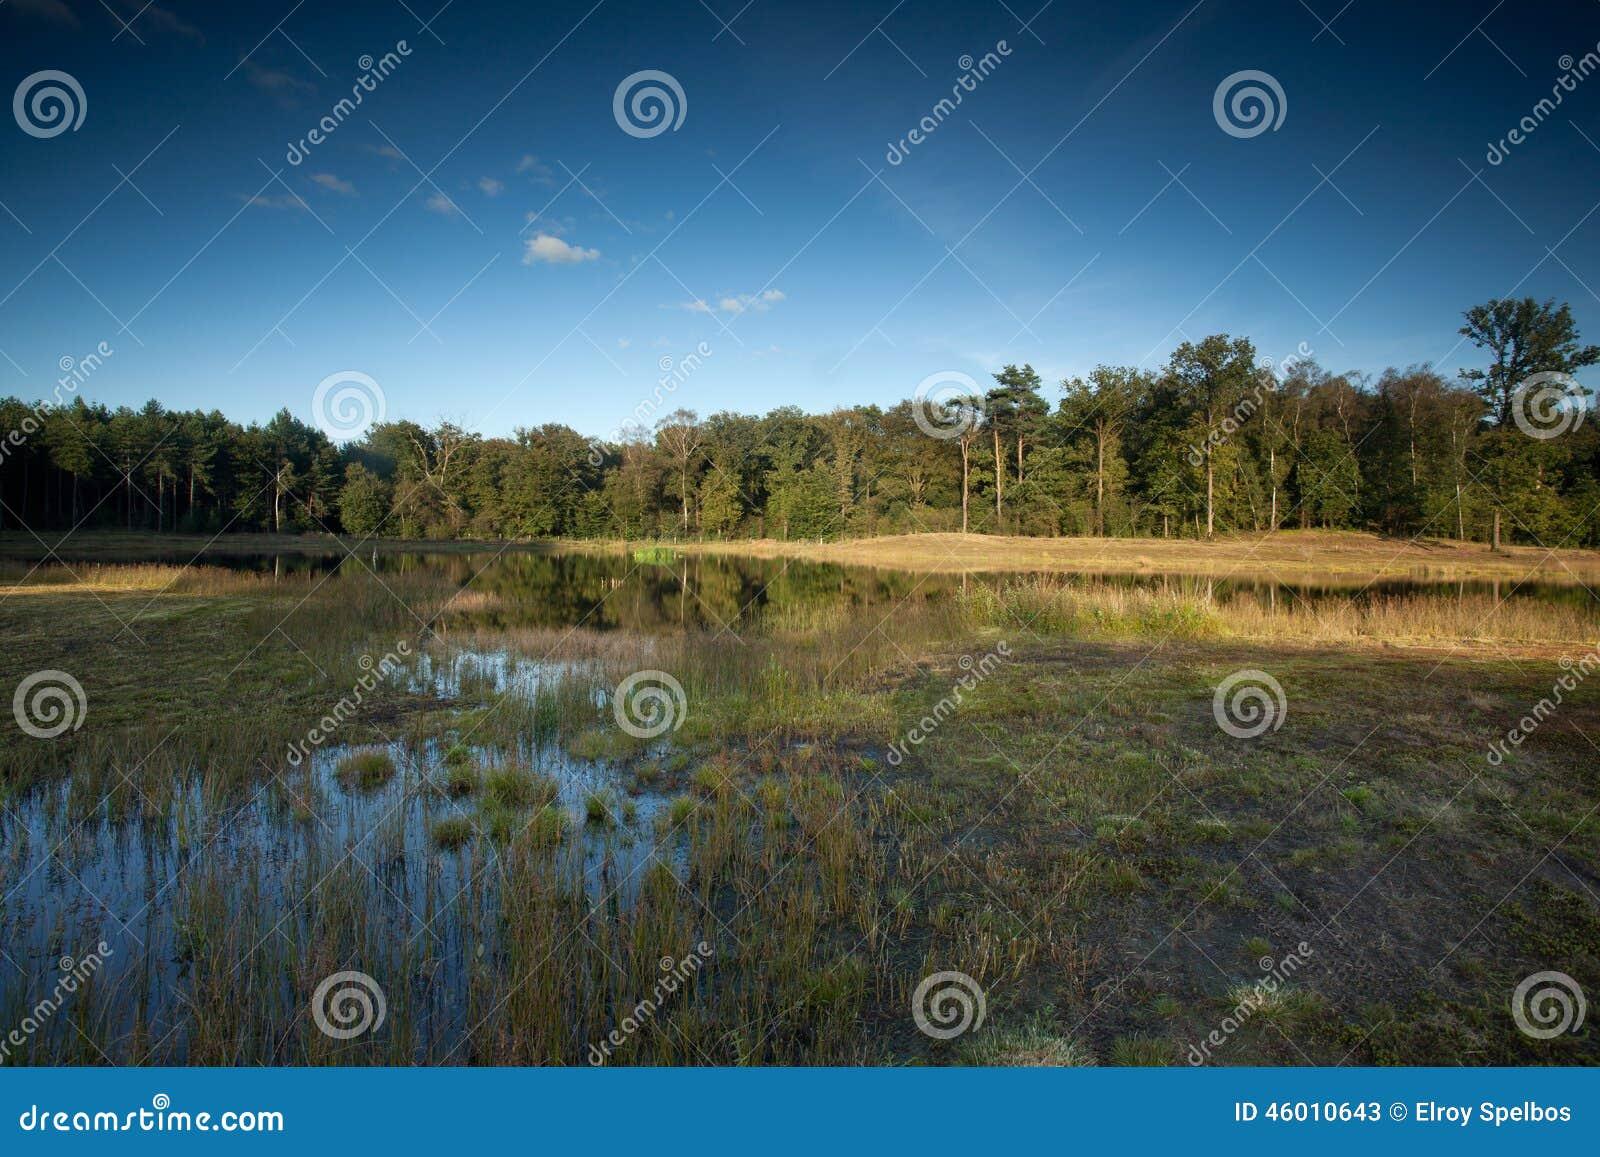 Moeraslandschap met moeras op de voorgrond